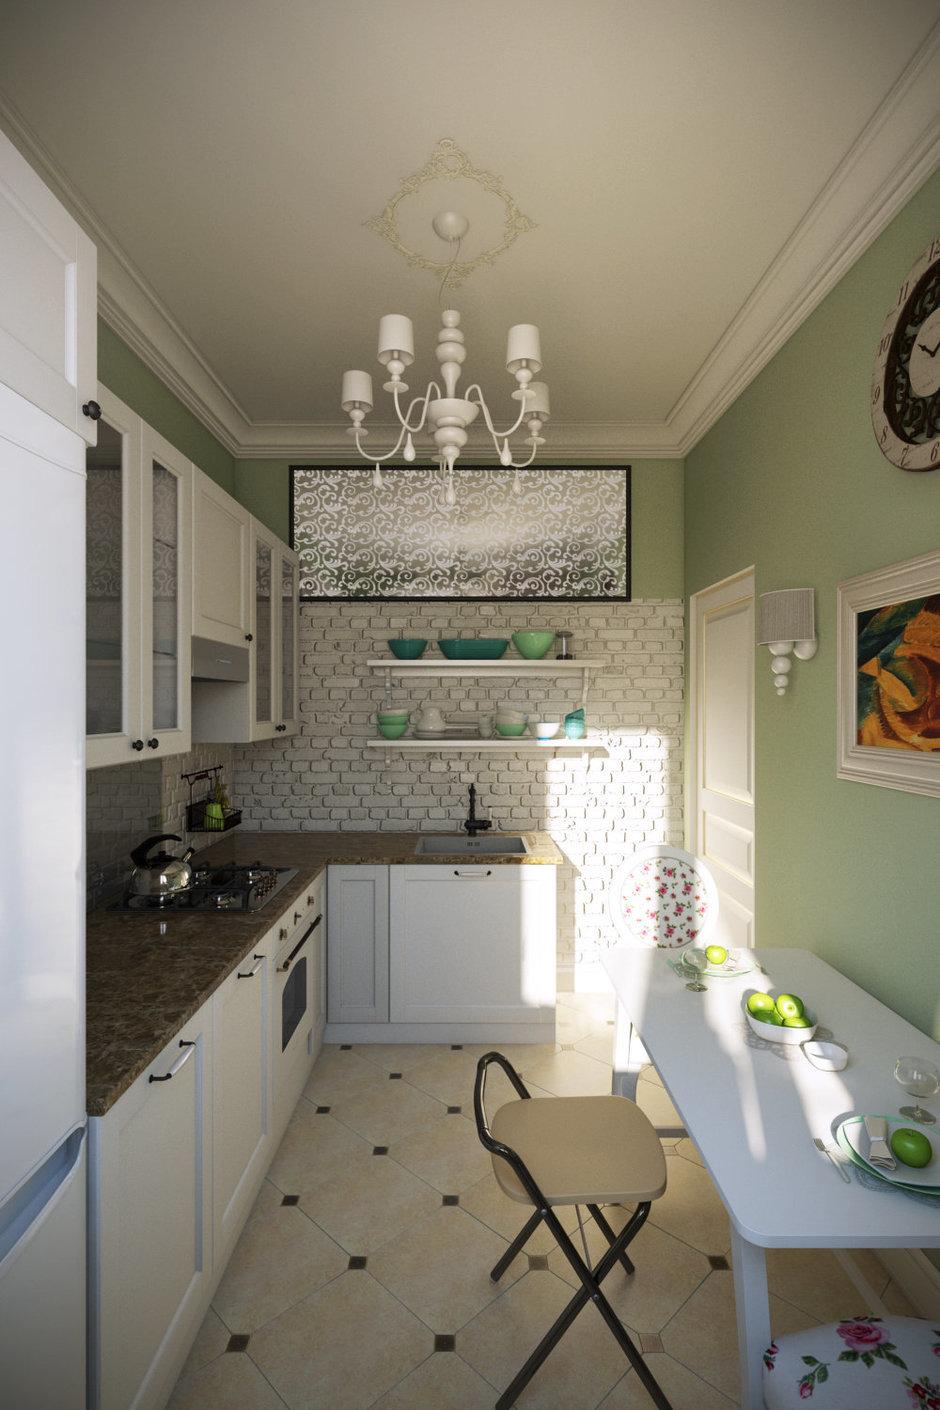 Фотография: Кухня и столовая в стиле Прованс и Кантри, Квартира, Дома и квартиры, IKEA, Проект недели, Москва – фото на InMyRoom.ru